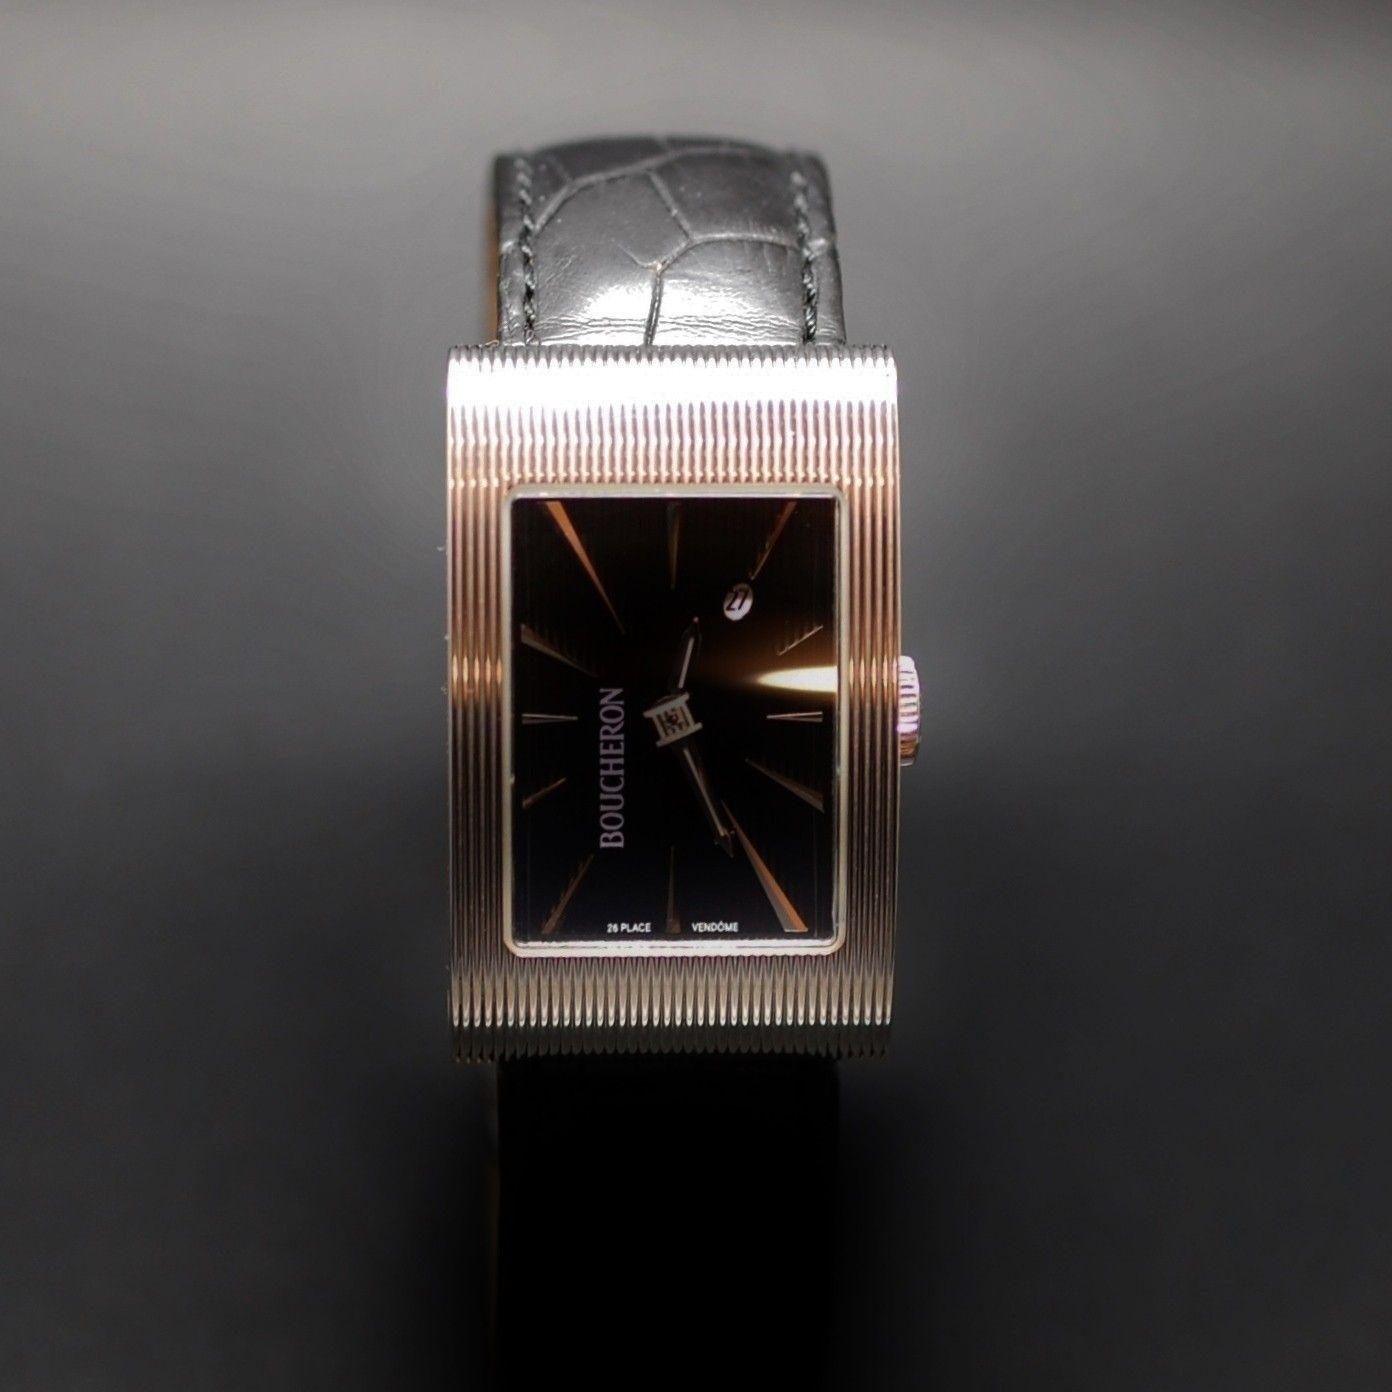 BOUCHERON. Montre bracelet d'homme modèle grand reflet en acier